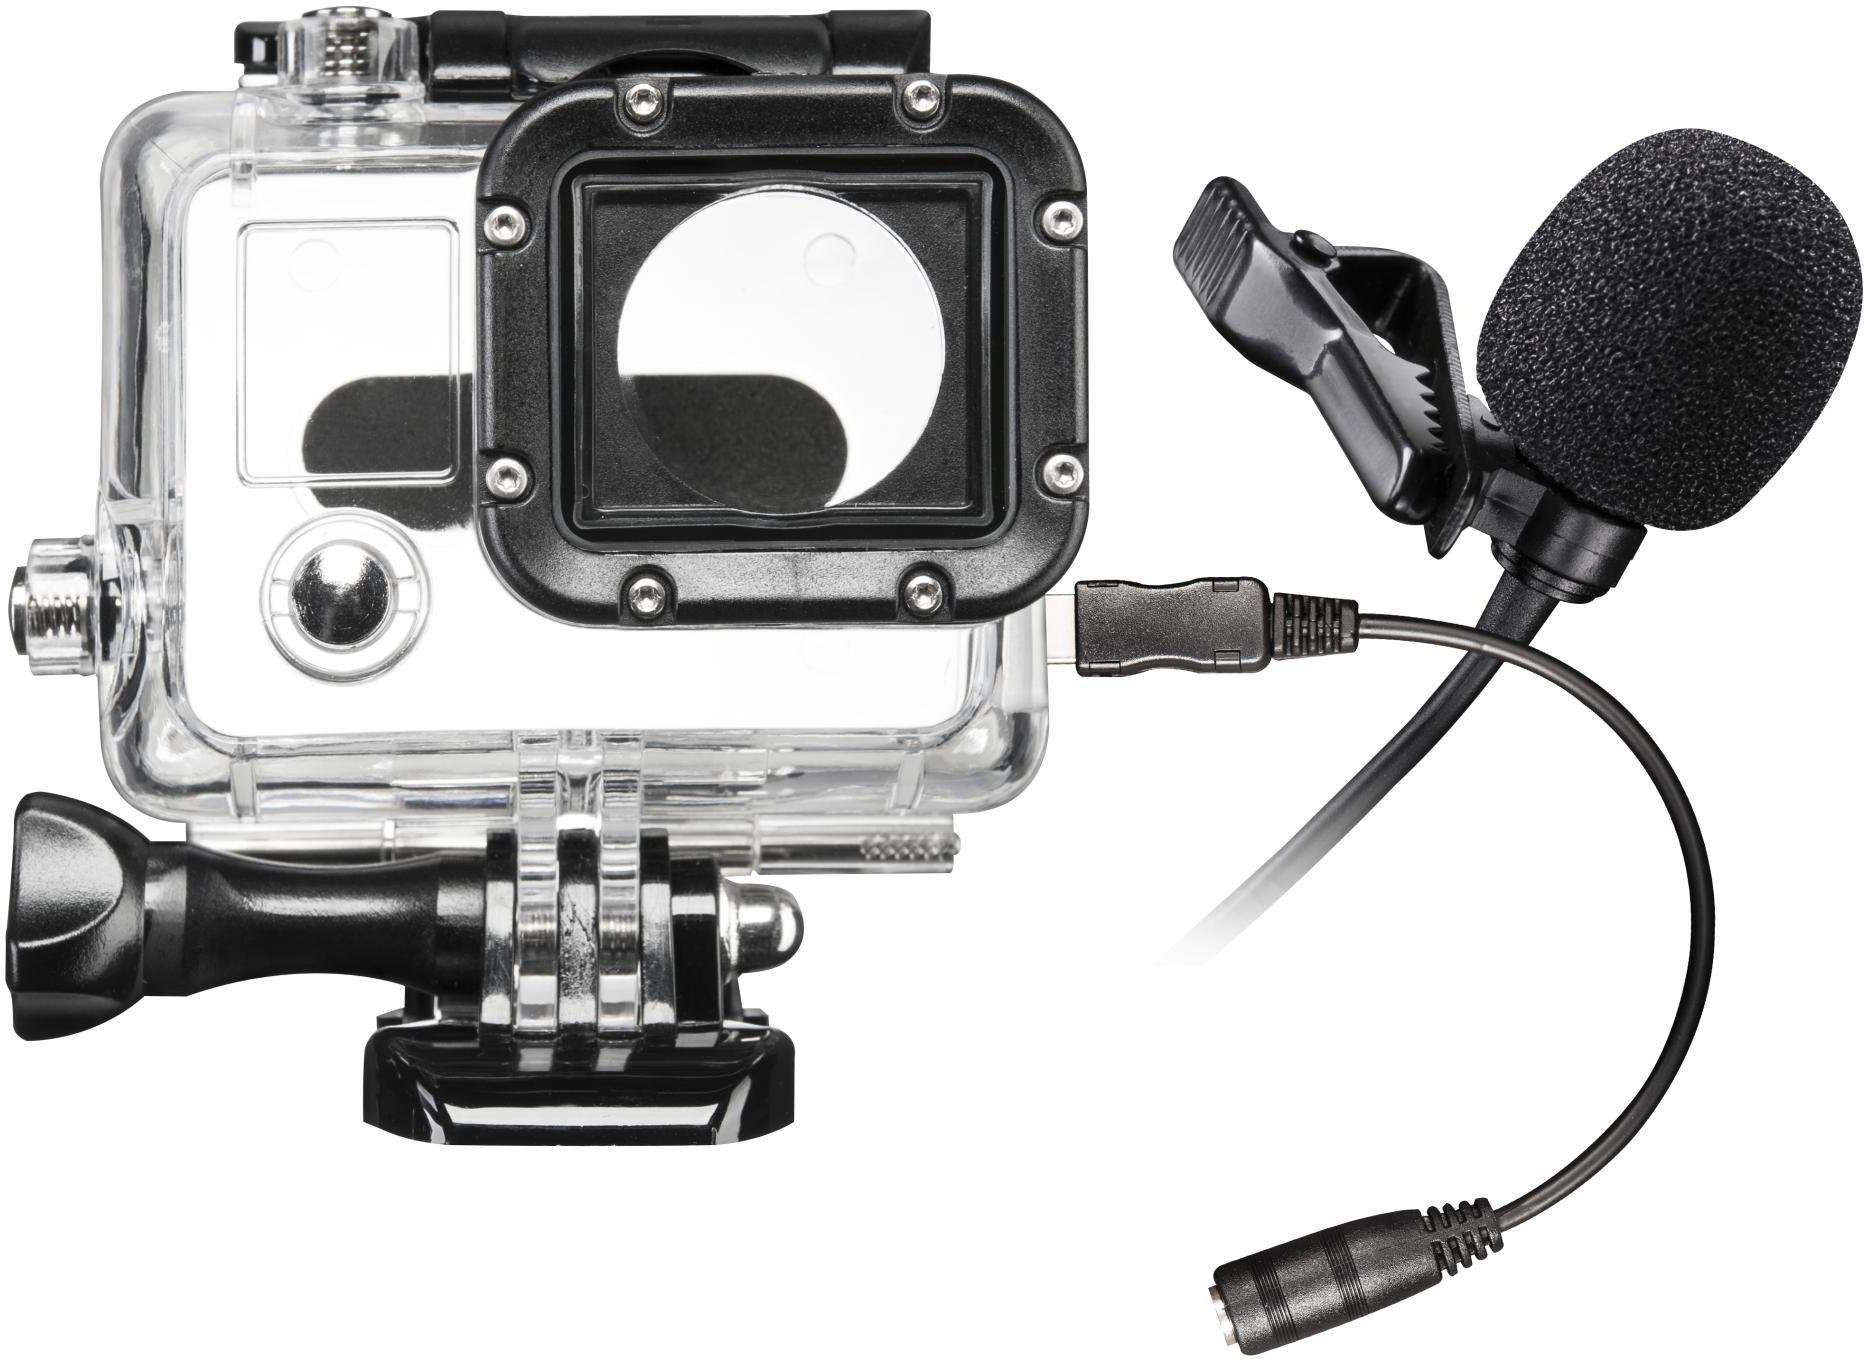 Mantona Zestaw dźwiękowy do GoPro Hero 3